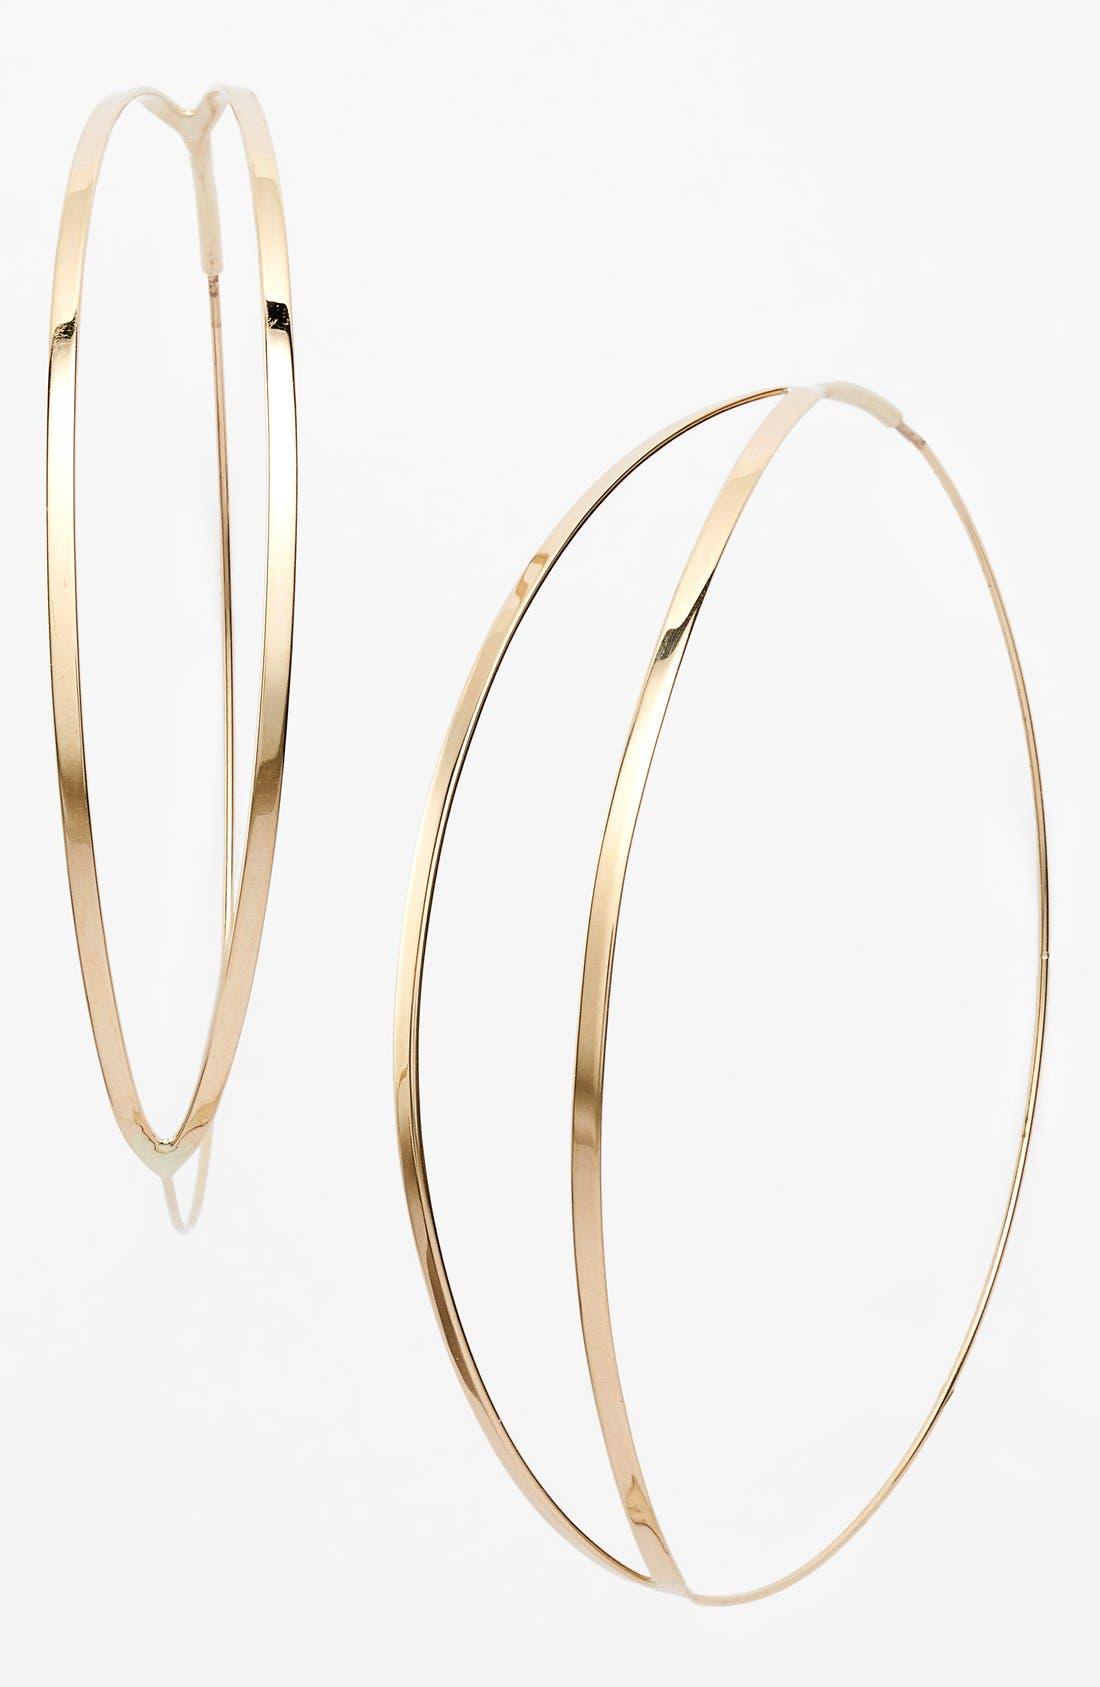 Alternate Image 1 Selected - Lana Jewelry 'Large Flirt' Hoop Earrings